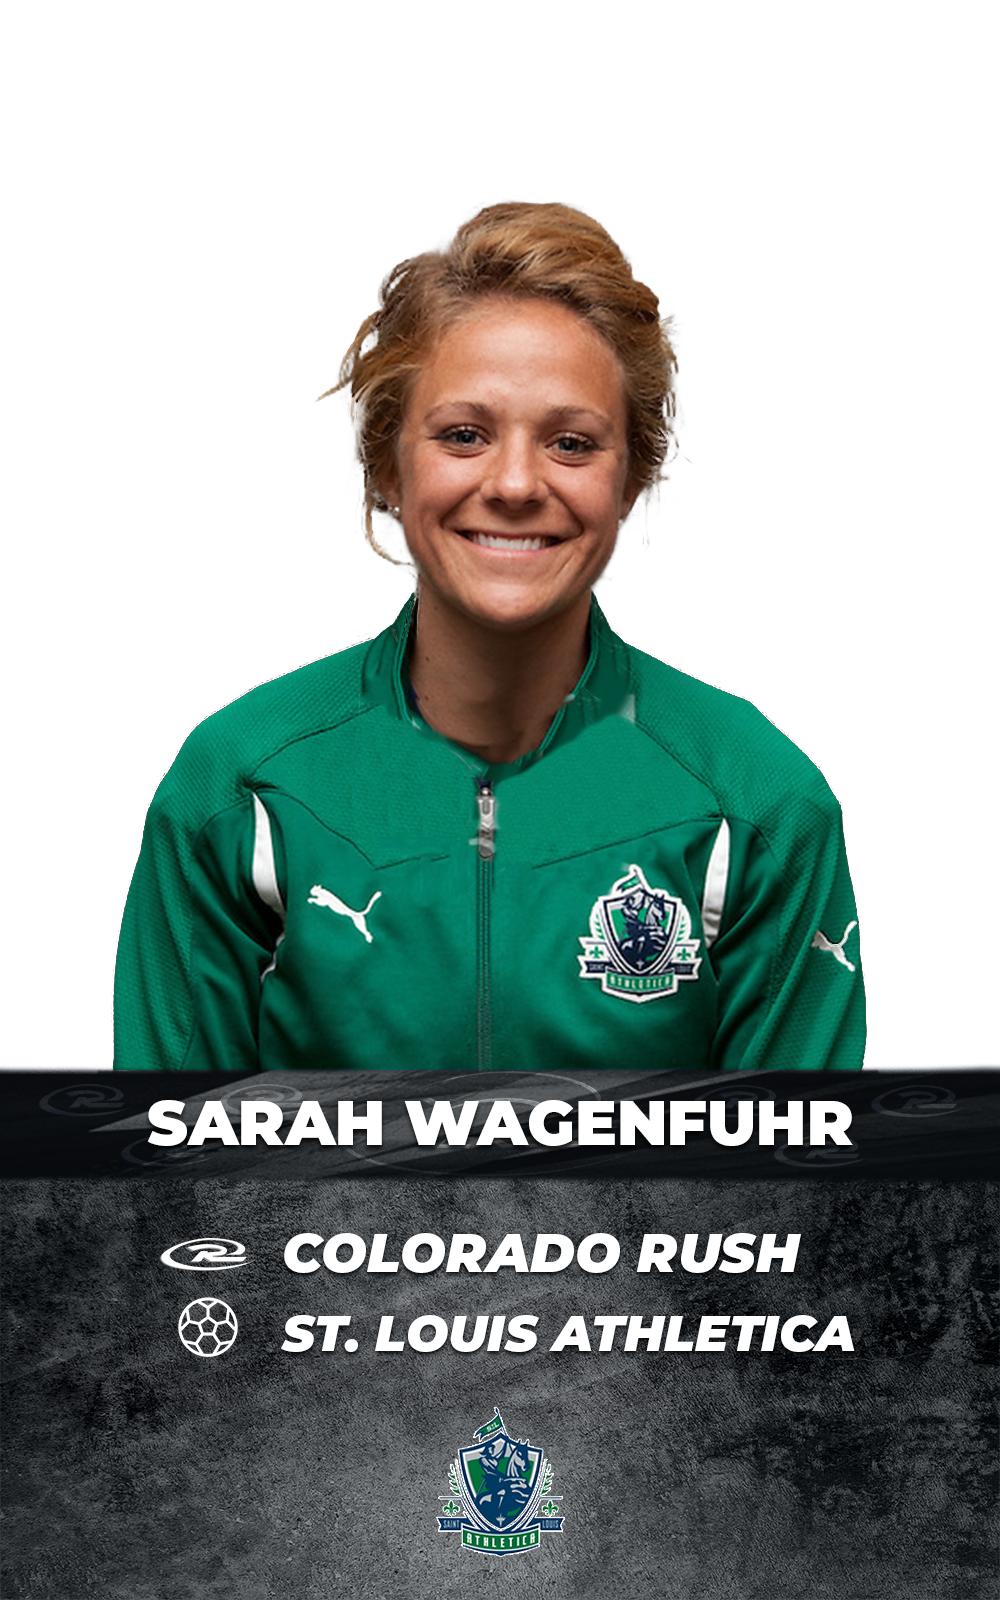 Sarah-Wagenfuhr